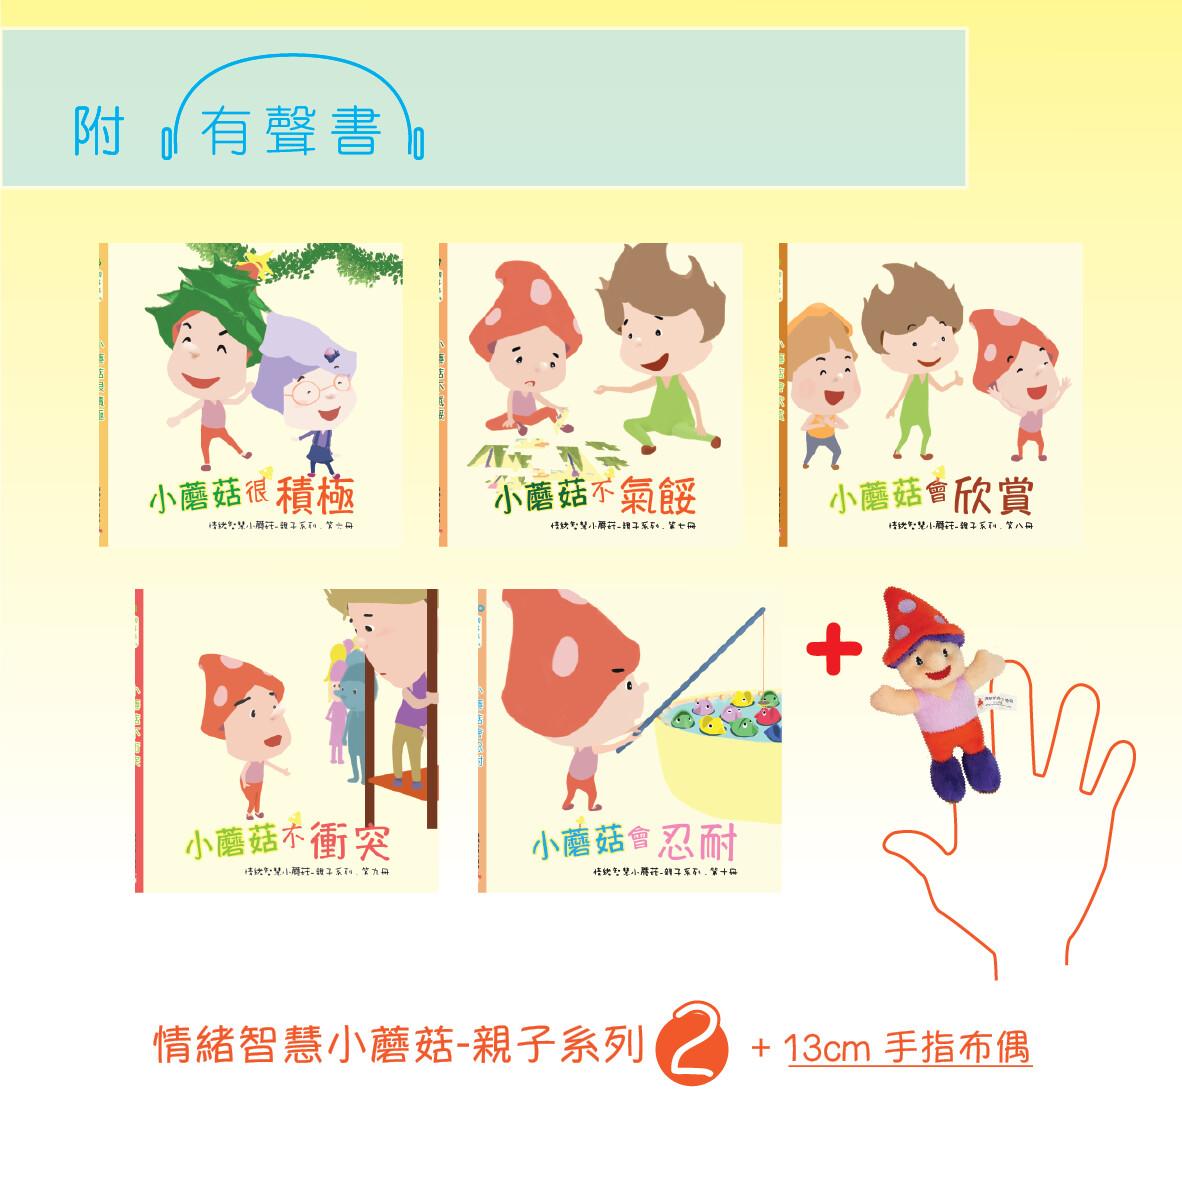 《情緒智慧小蘑菇 - 親子系列》, 系列二 (5本書)+ 13cm 手指布偶 1個